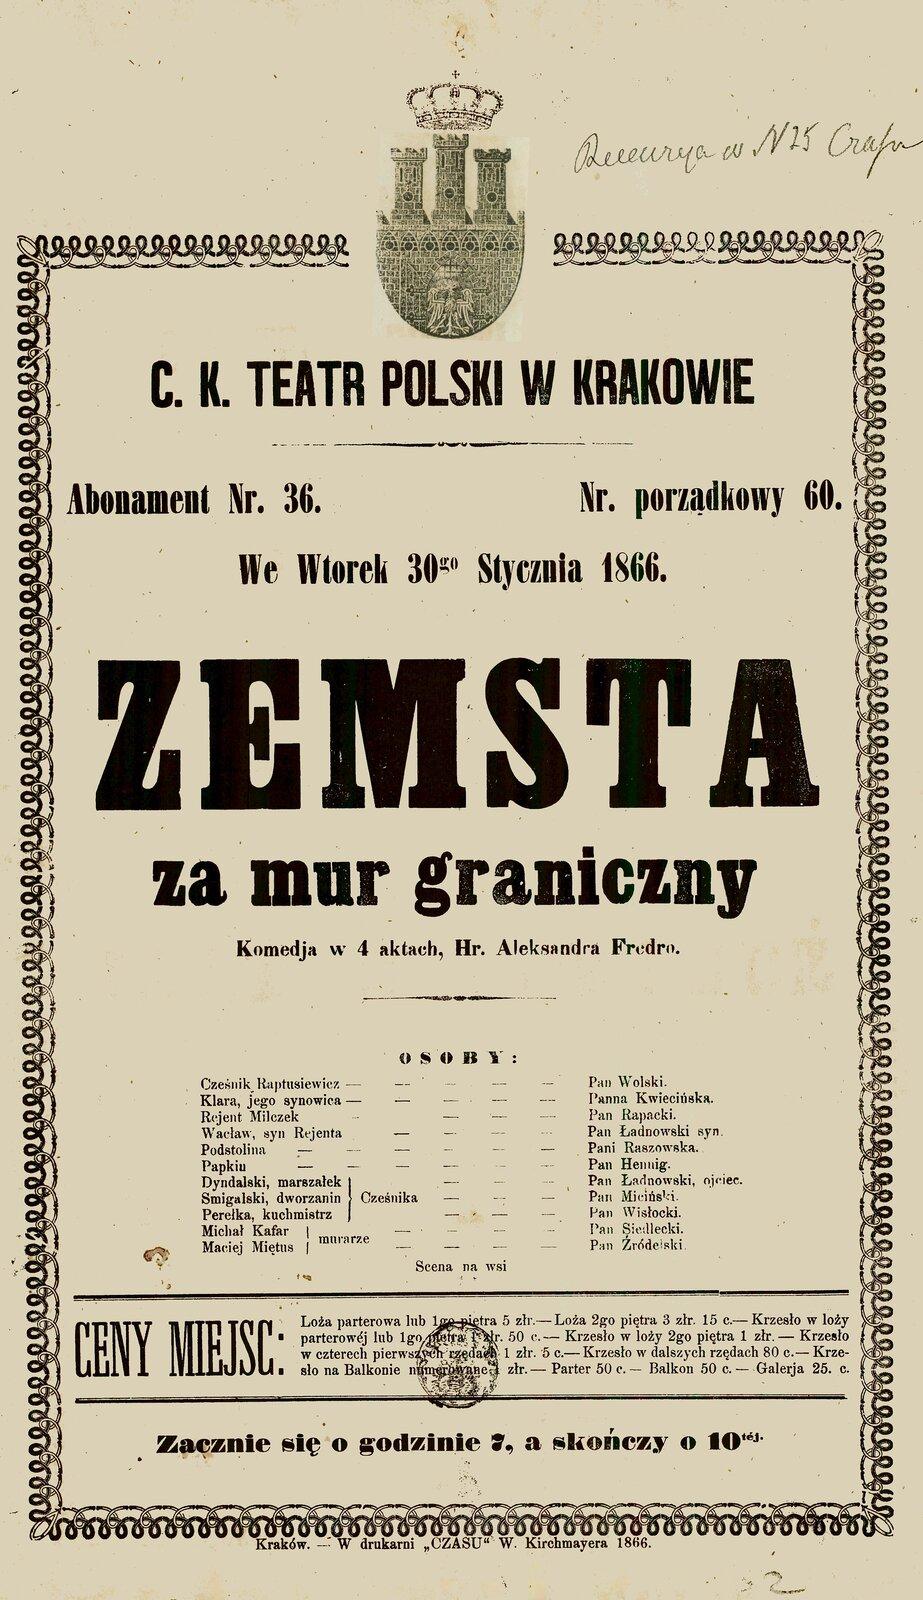 Zemsta Źródło: Zemsta, 1866, afisz teatralny, domena publiczna.